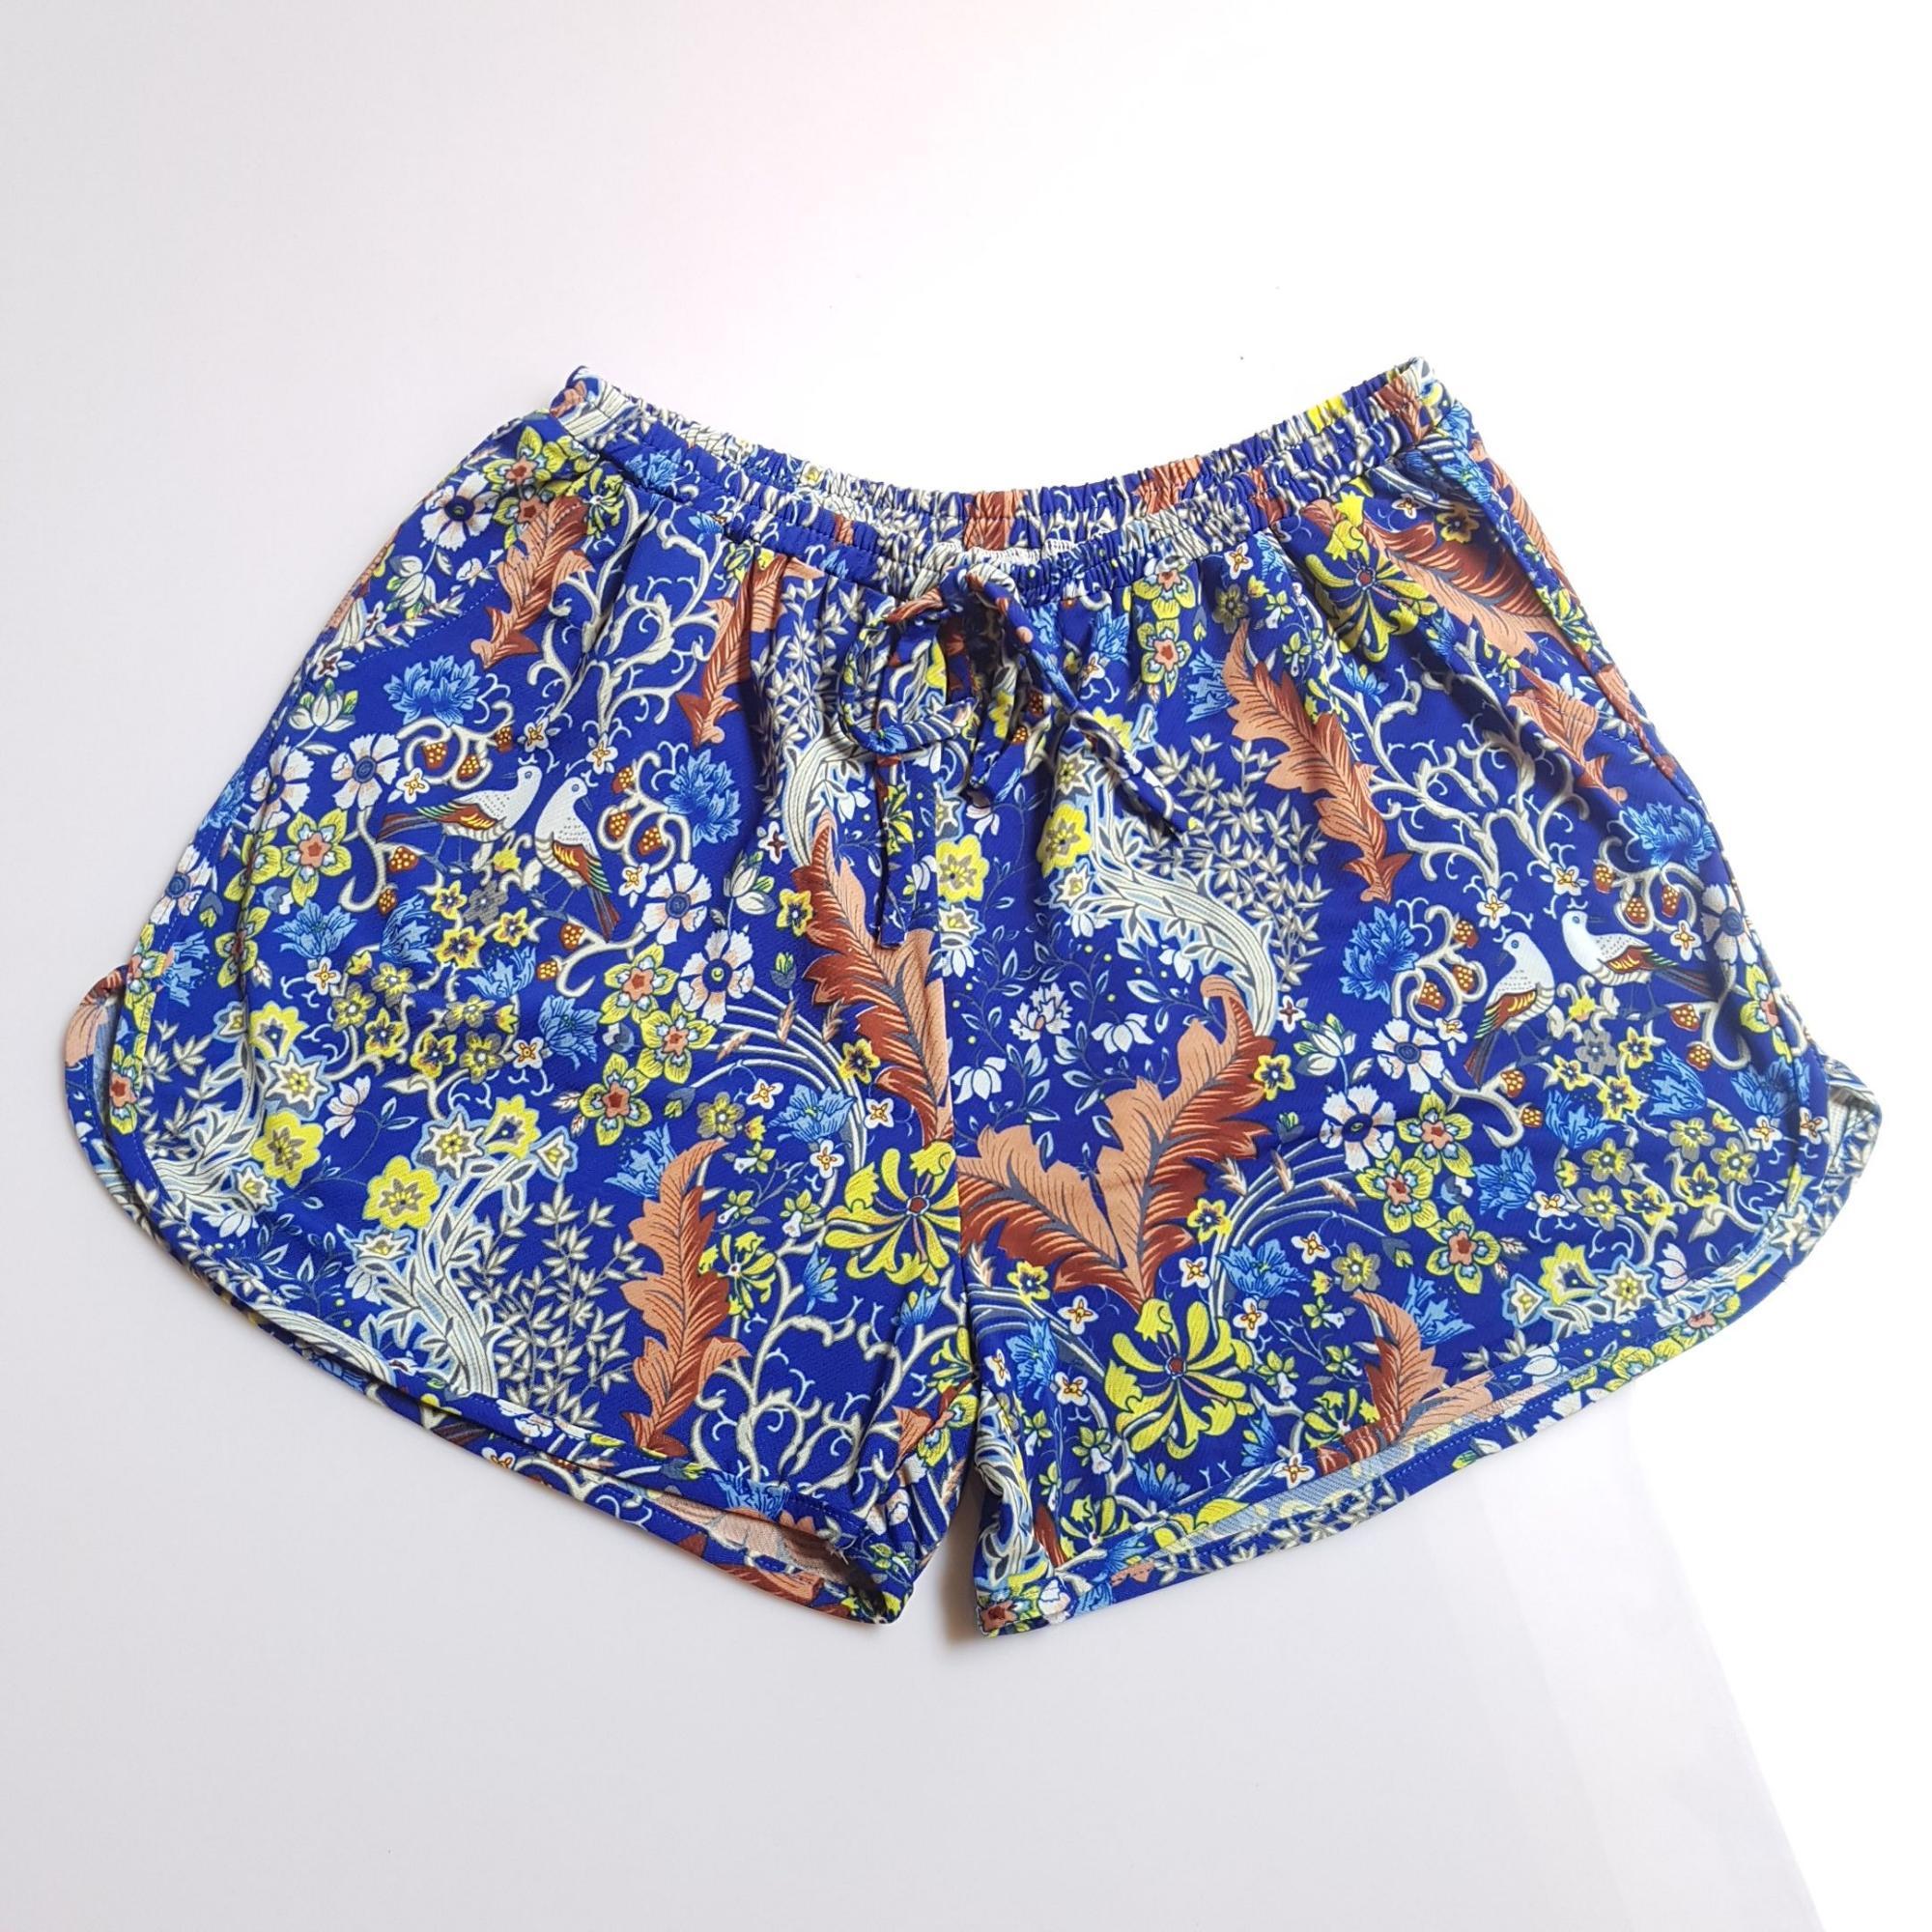 Quần shorts Big Size cho nữ 60 - 75kg